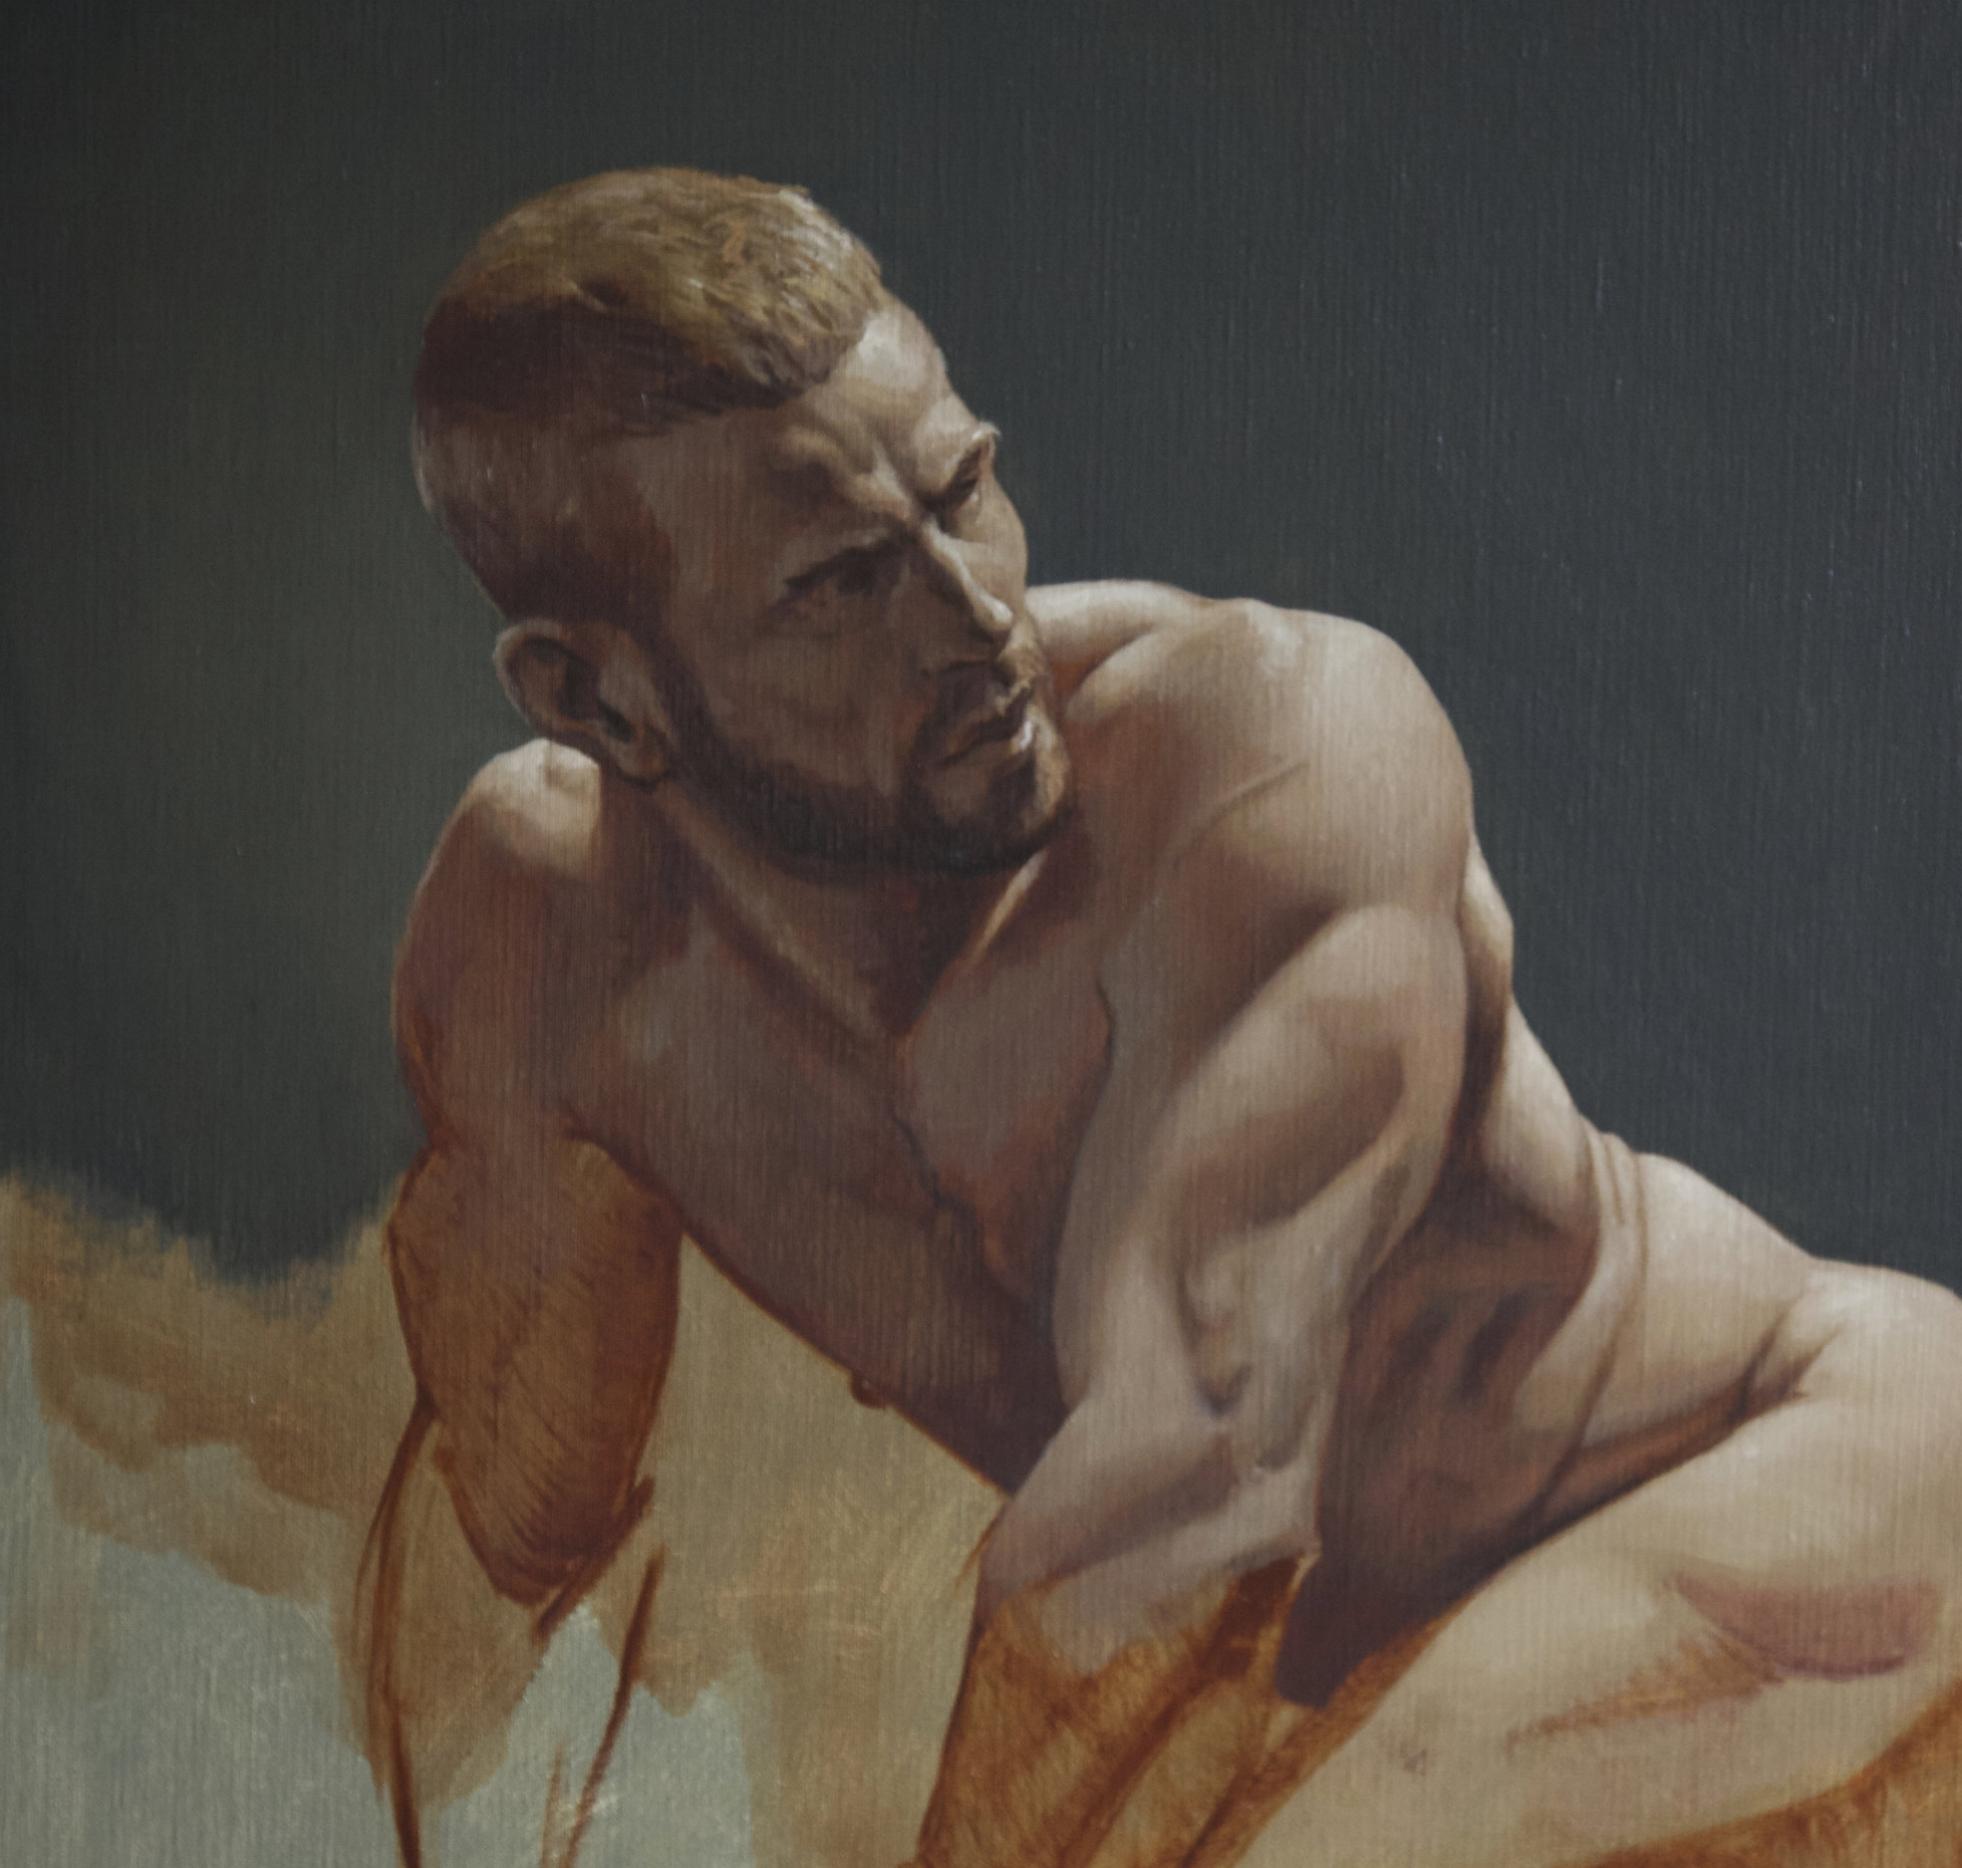 cours-peinture-portrait-nu-masculin-academique-paris.jpg